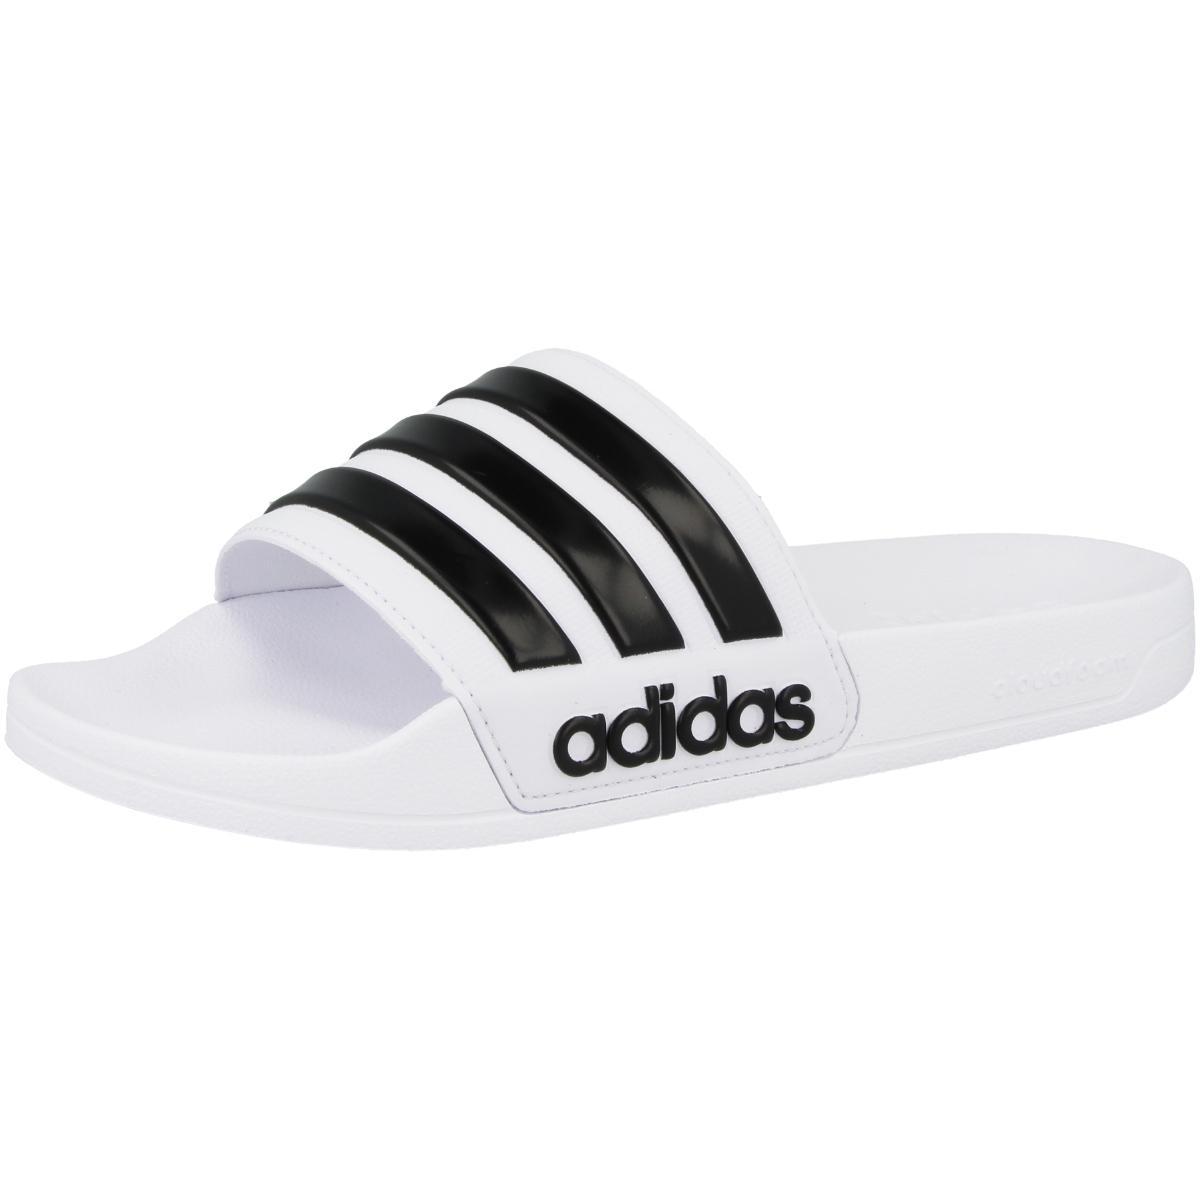 Adidas Adilette Shower Cloadfoam Slipper Badeschlappen FTWR WHITE CORE BLACK FTWR WHITE | 46